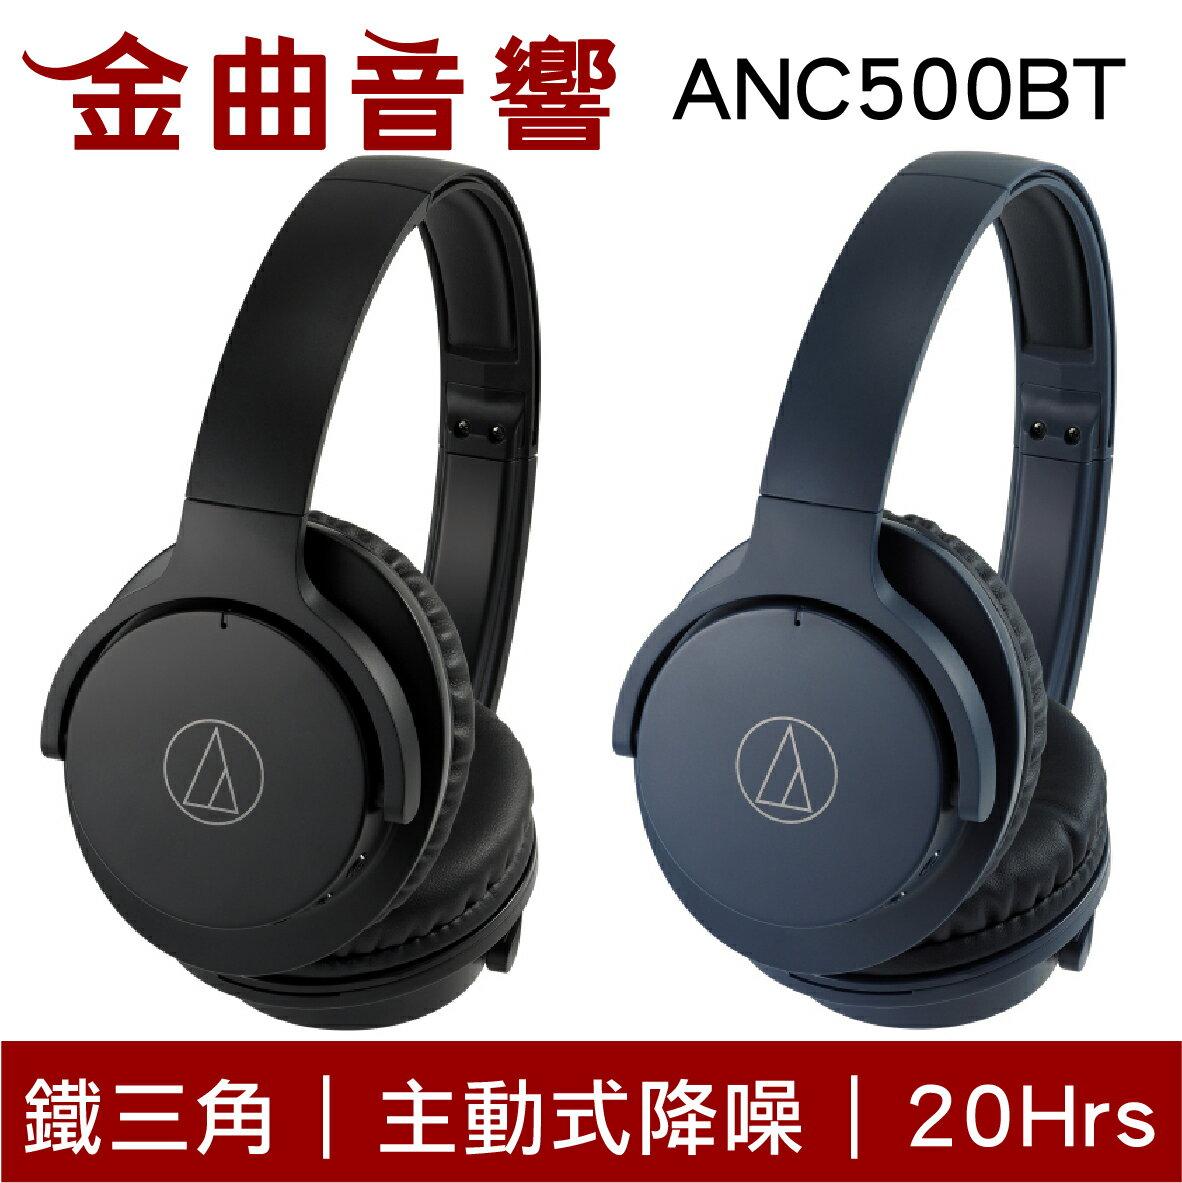 鐵三角 ATH-ANC500BT 藍色 藍牙 無線 抗噪 耳罩式 耳機   金曲音響